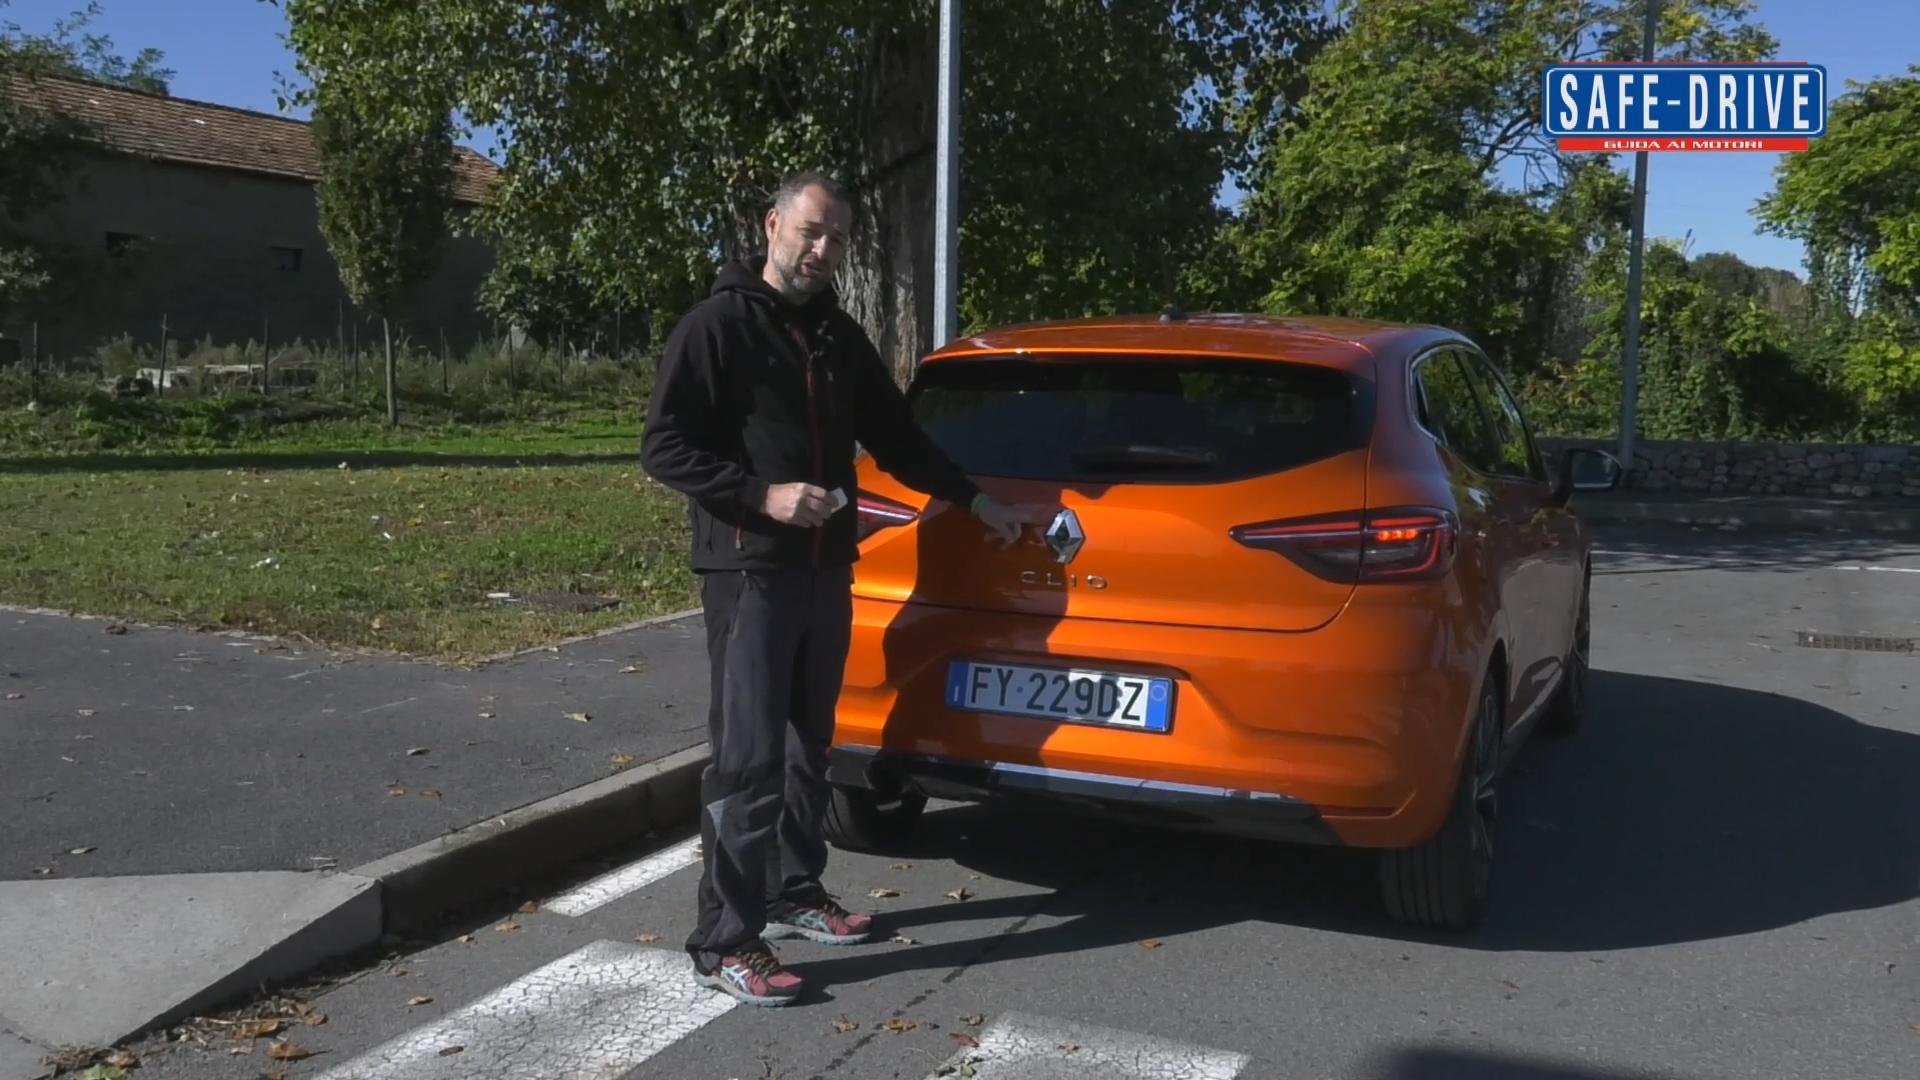 Nuova Renault Clio: ecco la prova su strada di Giovanni - Test Drive